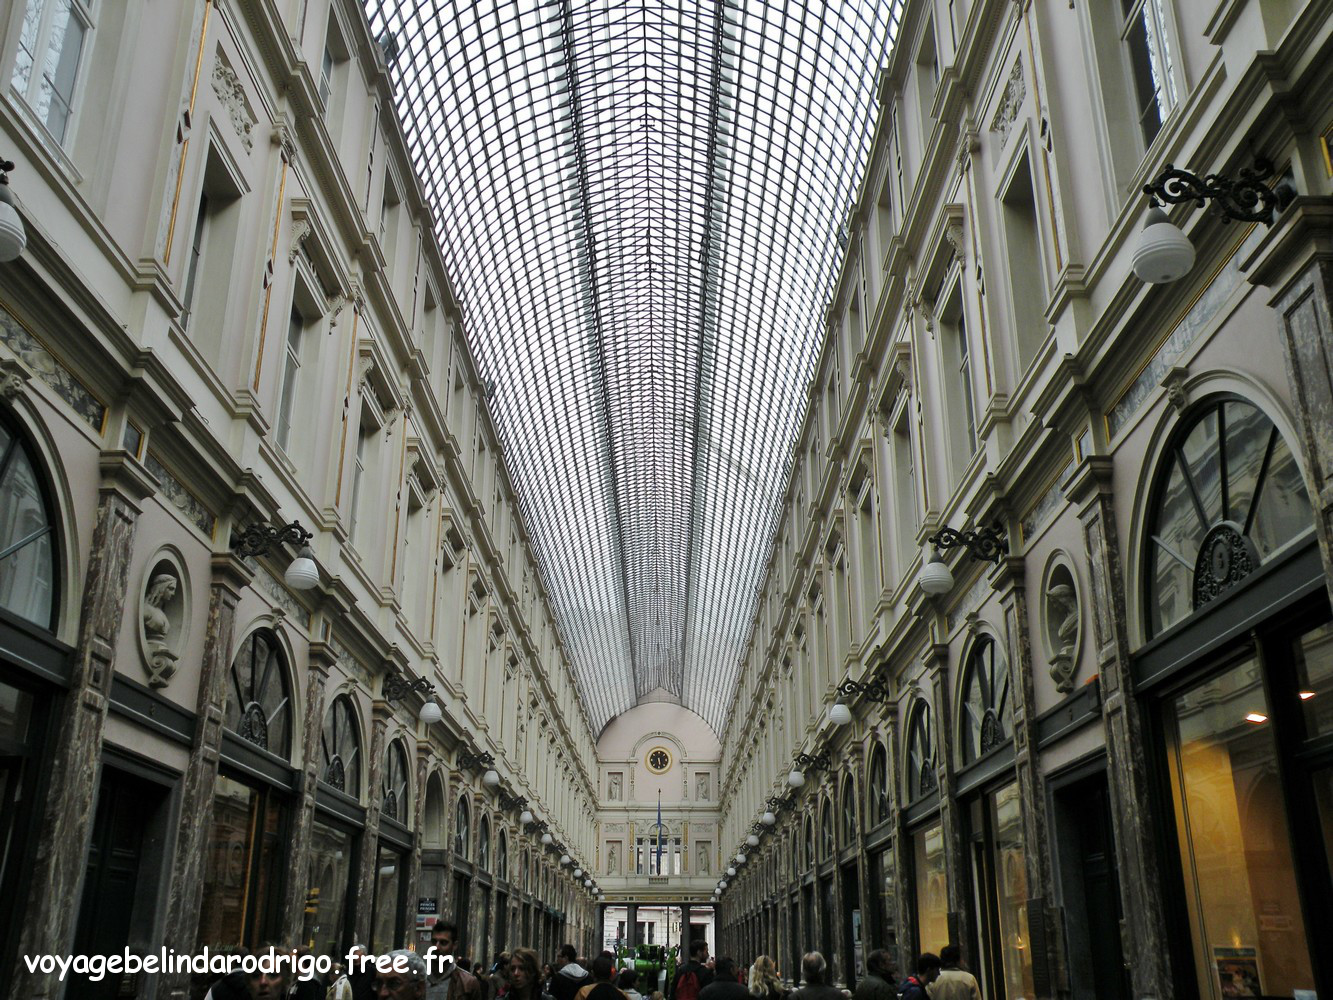 Galeries royales - Bruxelles